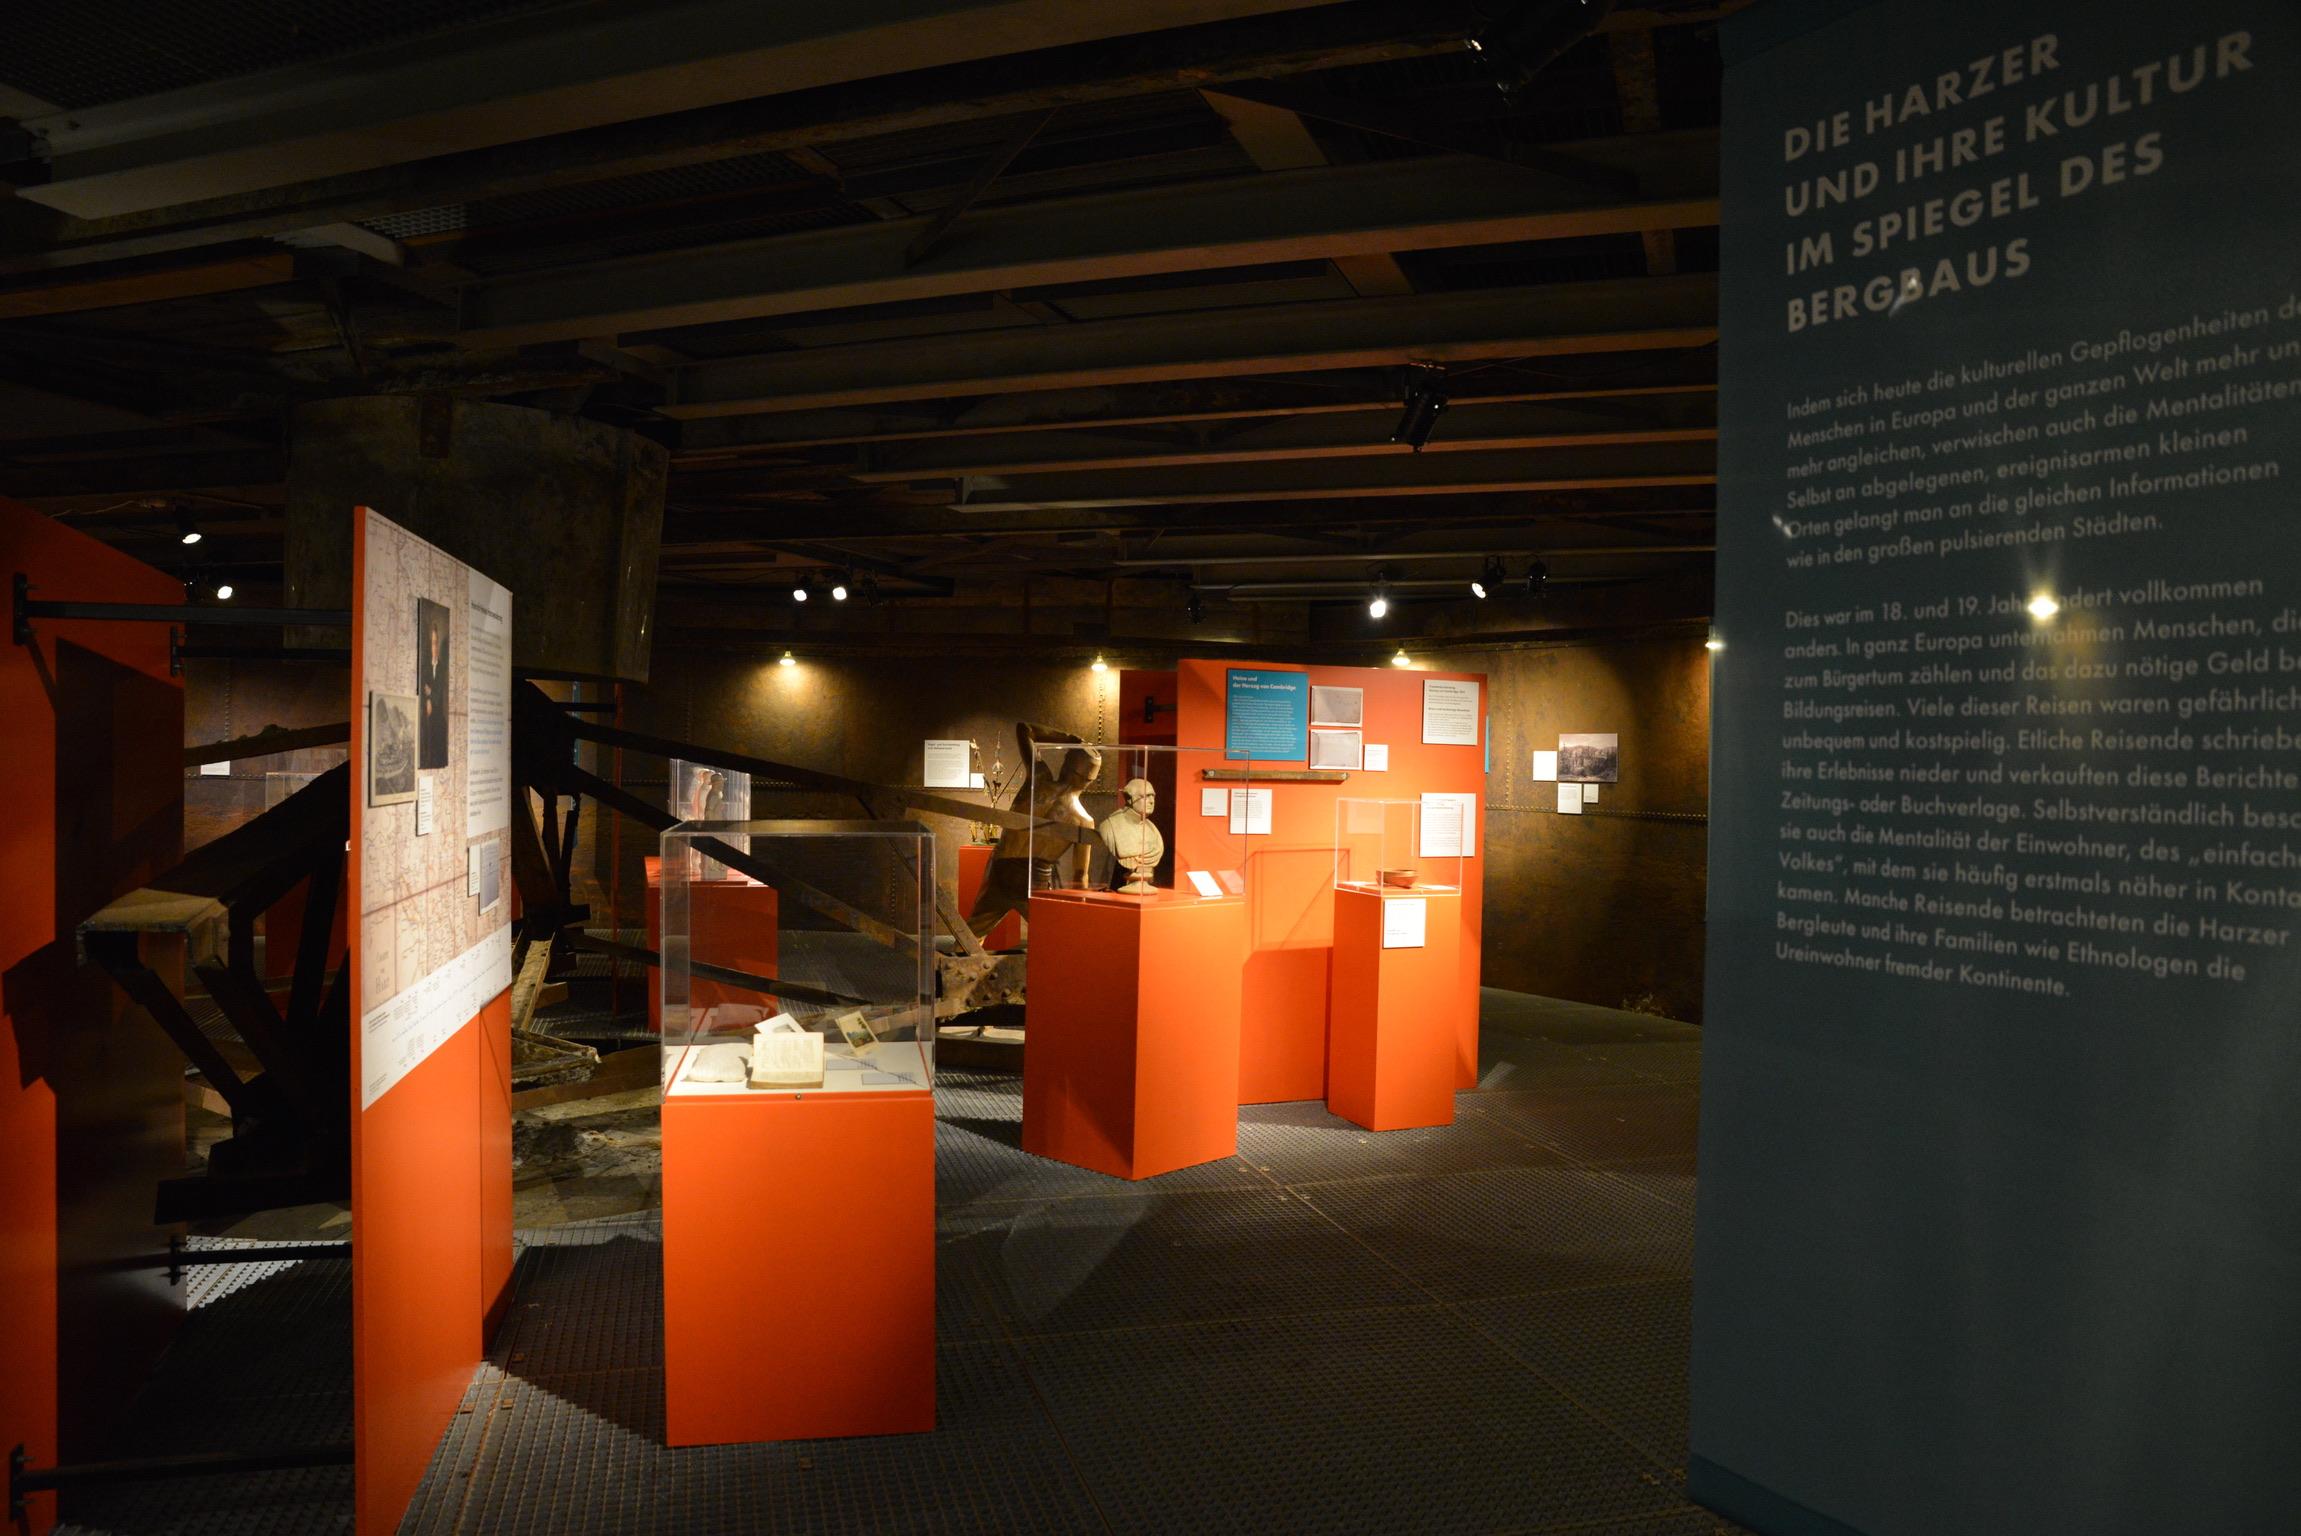 """Ausstellungsgestaltung, Sonderausstellung """"Montantourismus im Harz"""", Rammelsberg, 2021"""